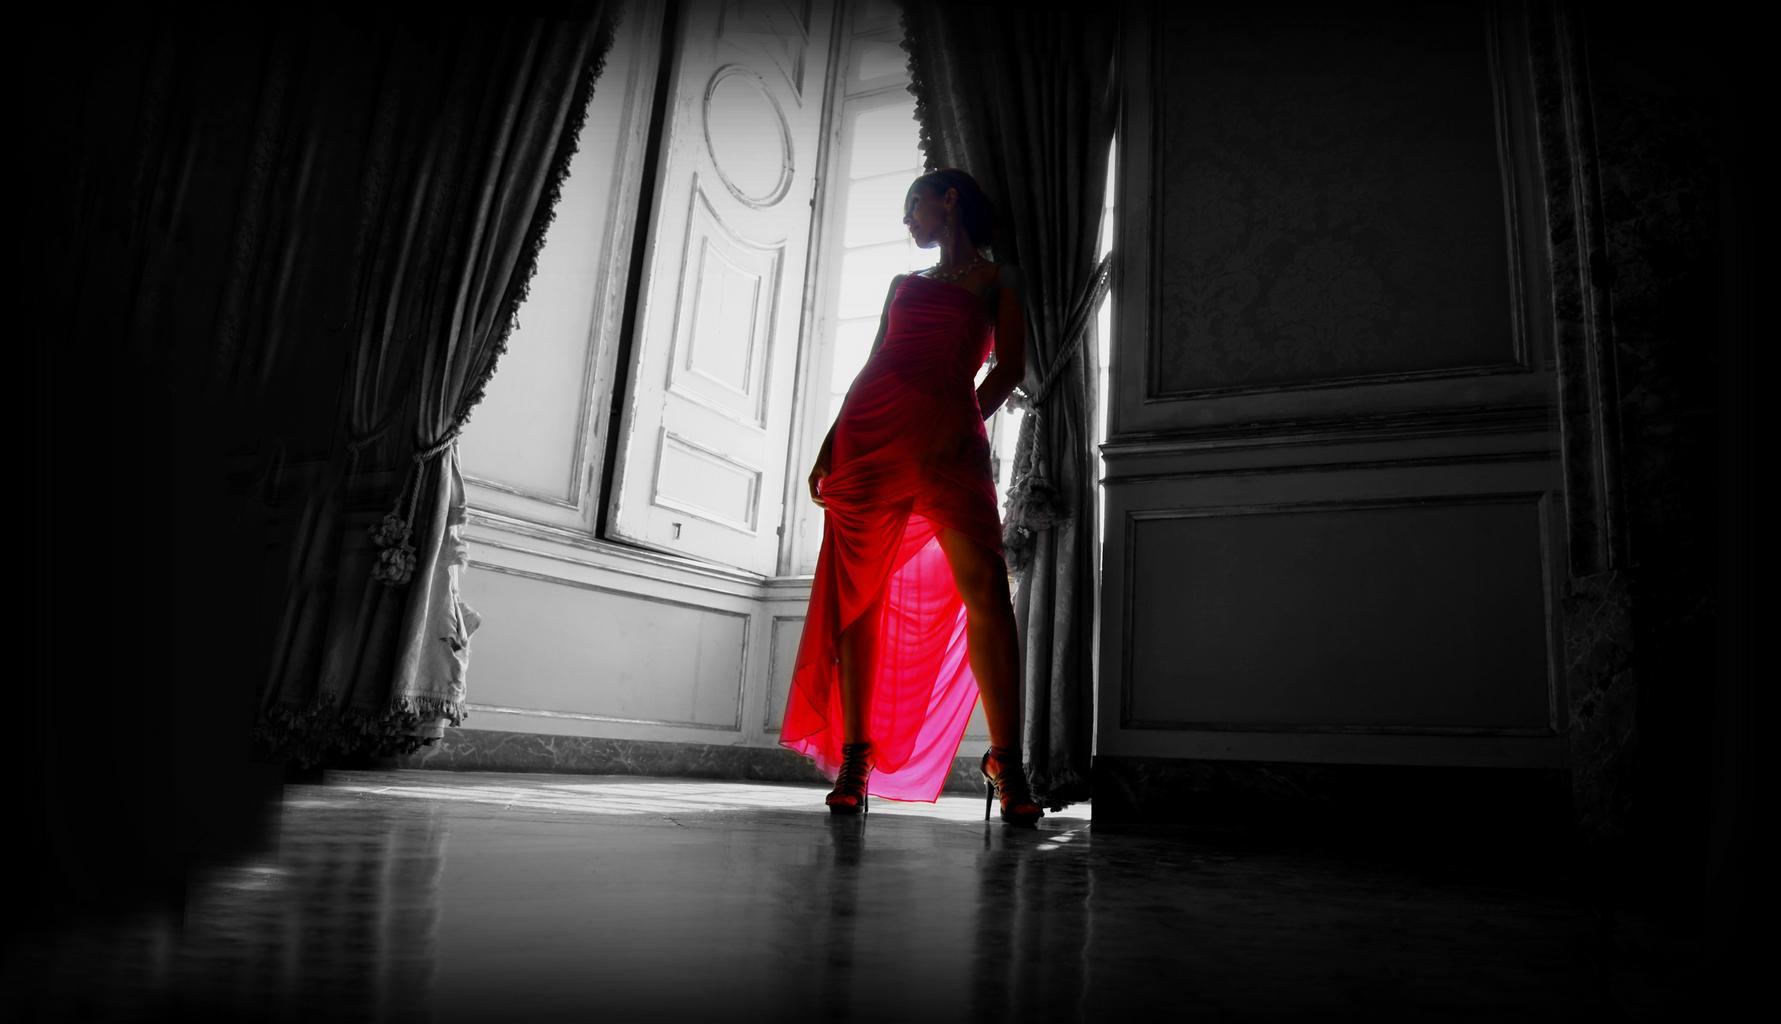 červené šaty, žena vo dverách